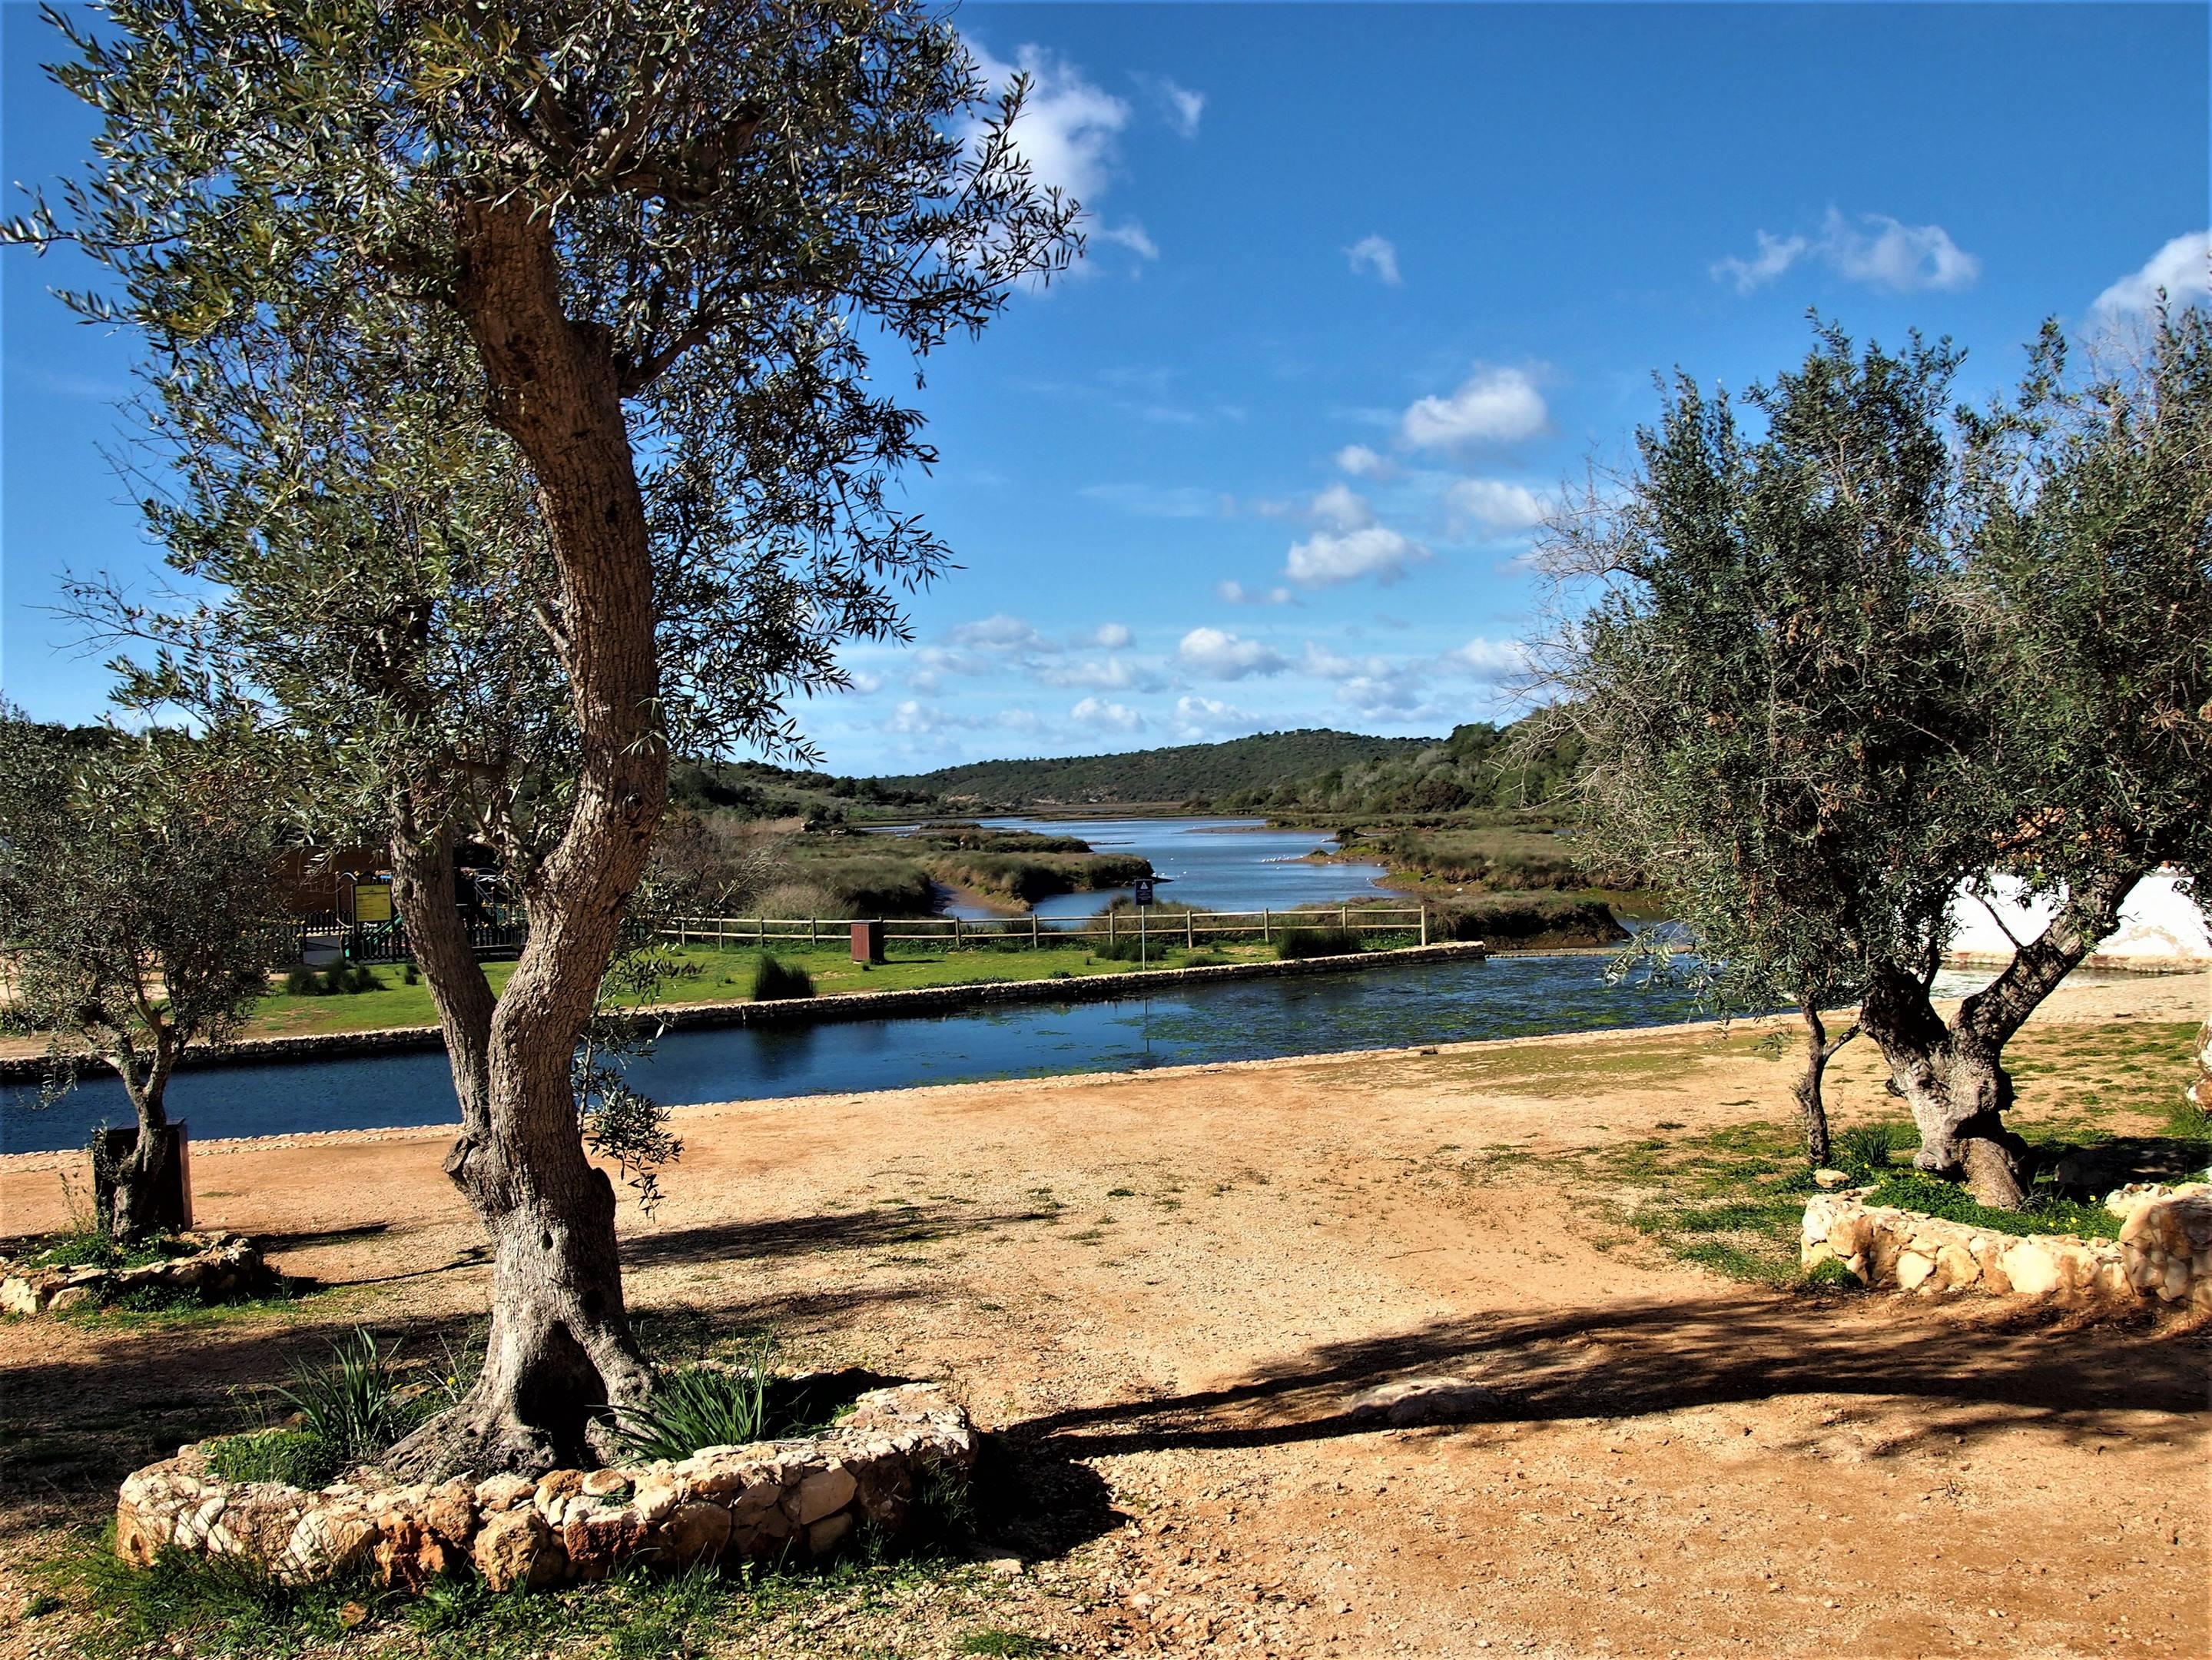 Vistas de Sítio das Fontes en Estômbar, Algarve